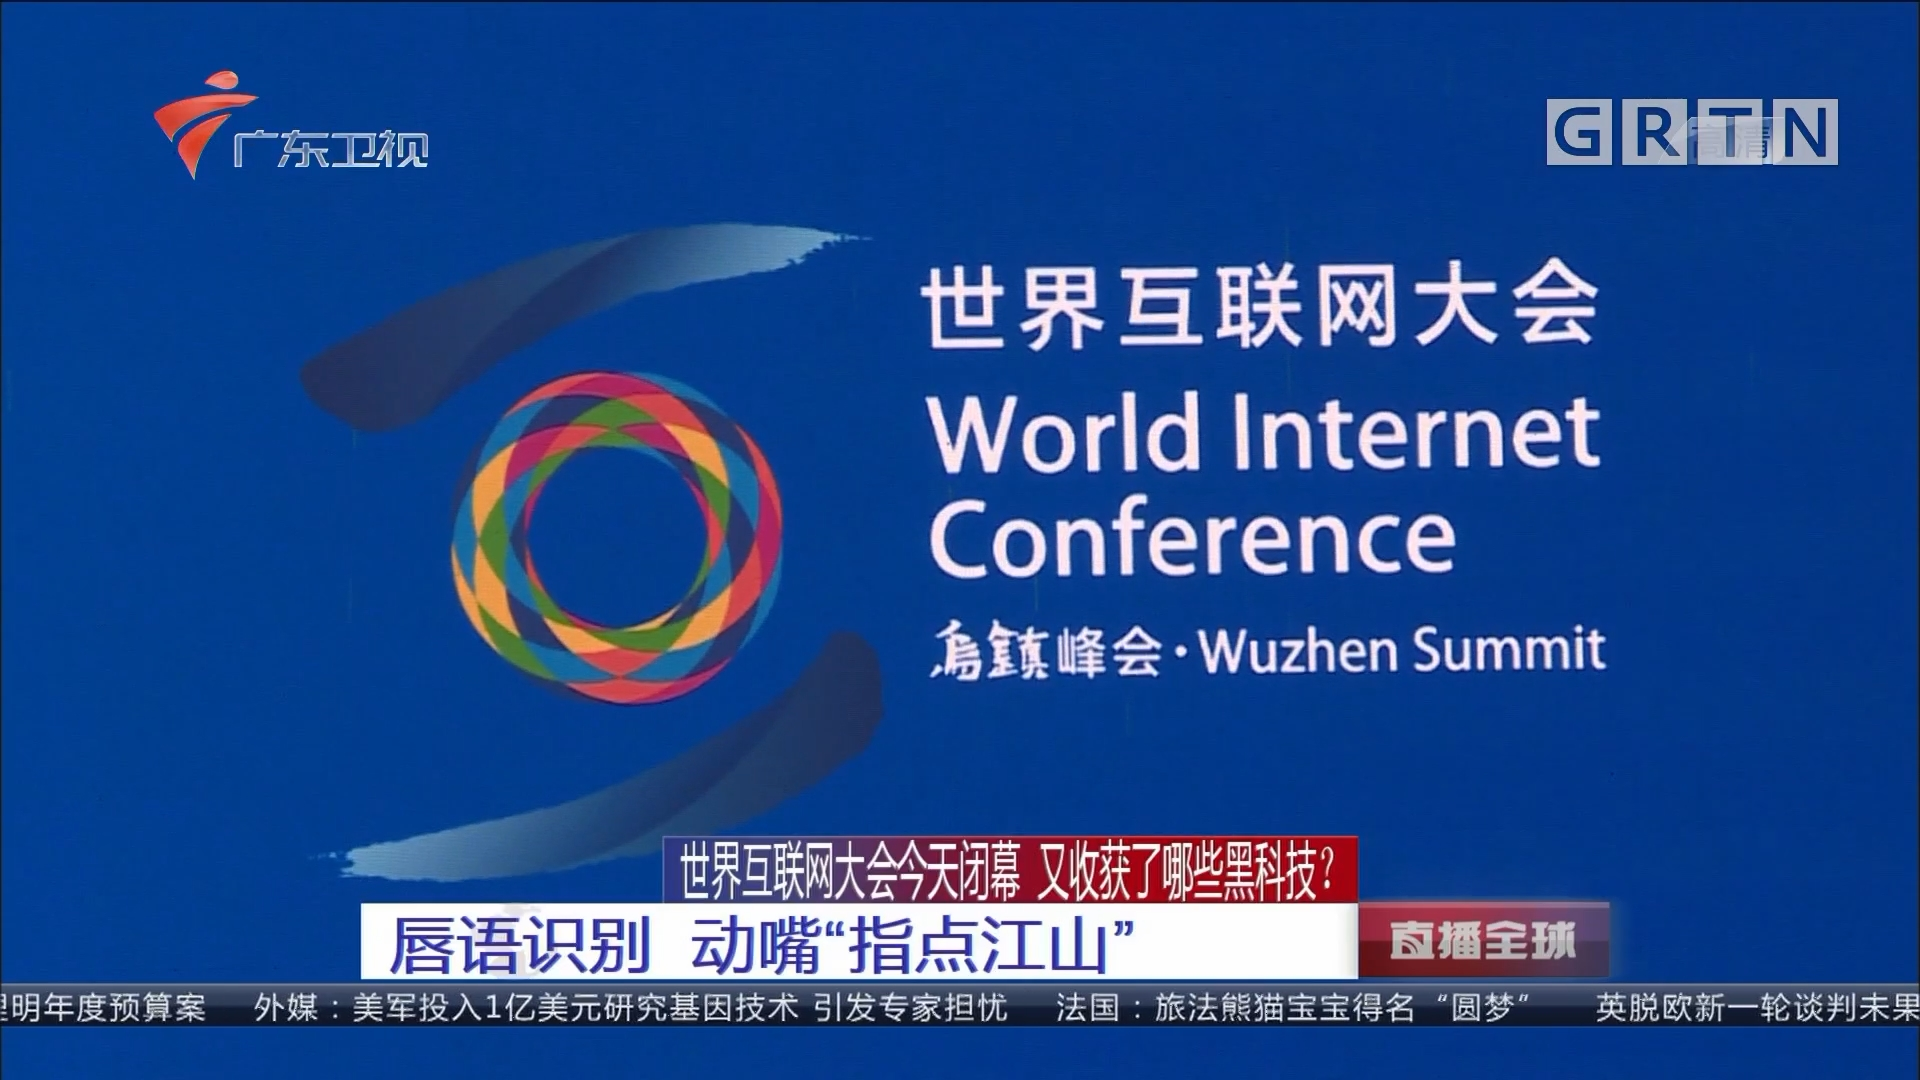 """世界互联网大会今天闭幕 又收获了哪些黑科技? 会写诗的人工智能""""小冰""""集情感和技术为一体"""